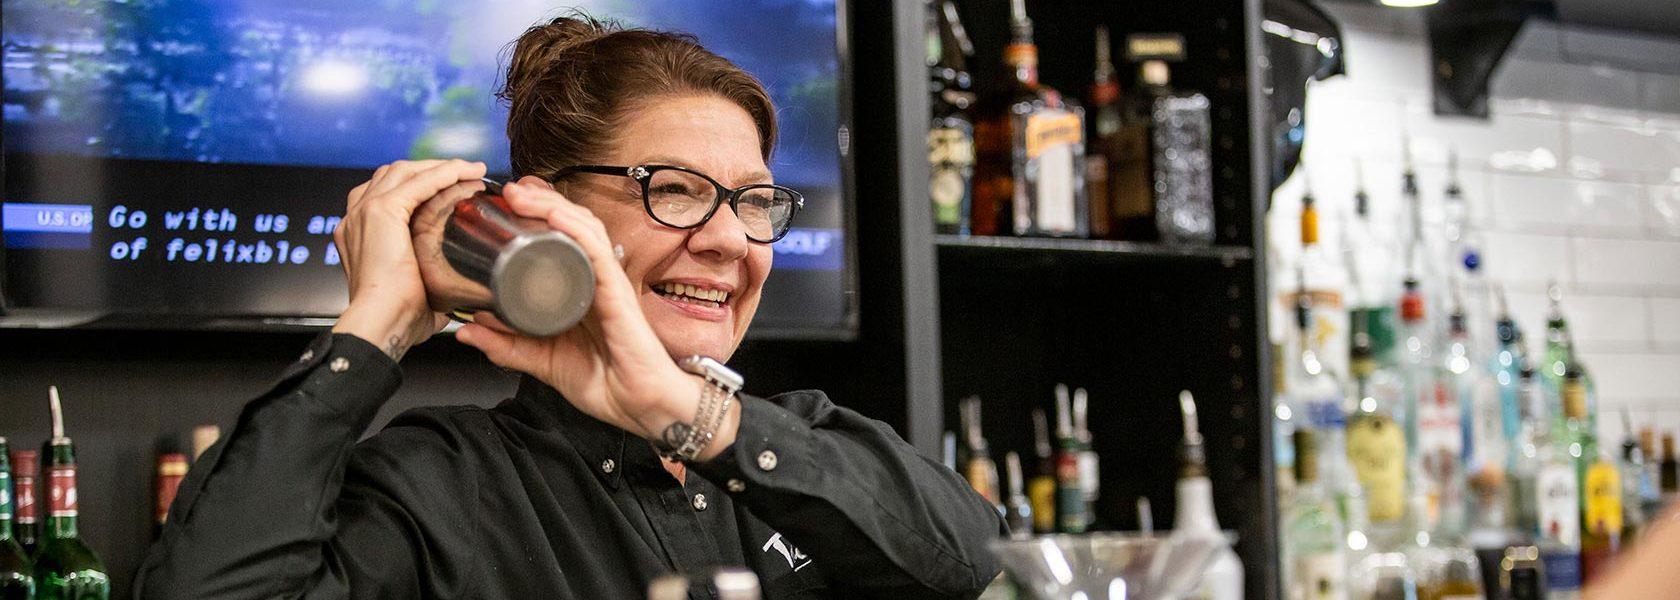 Bar chef shaking cocktail shaker over her shoulder